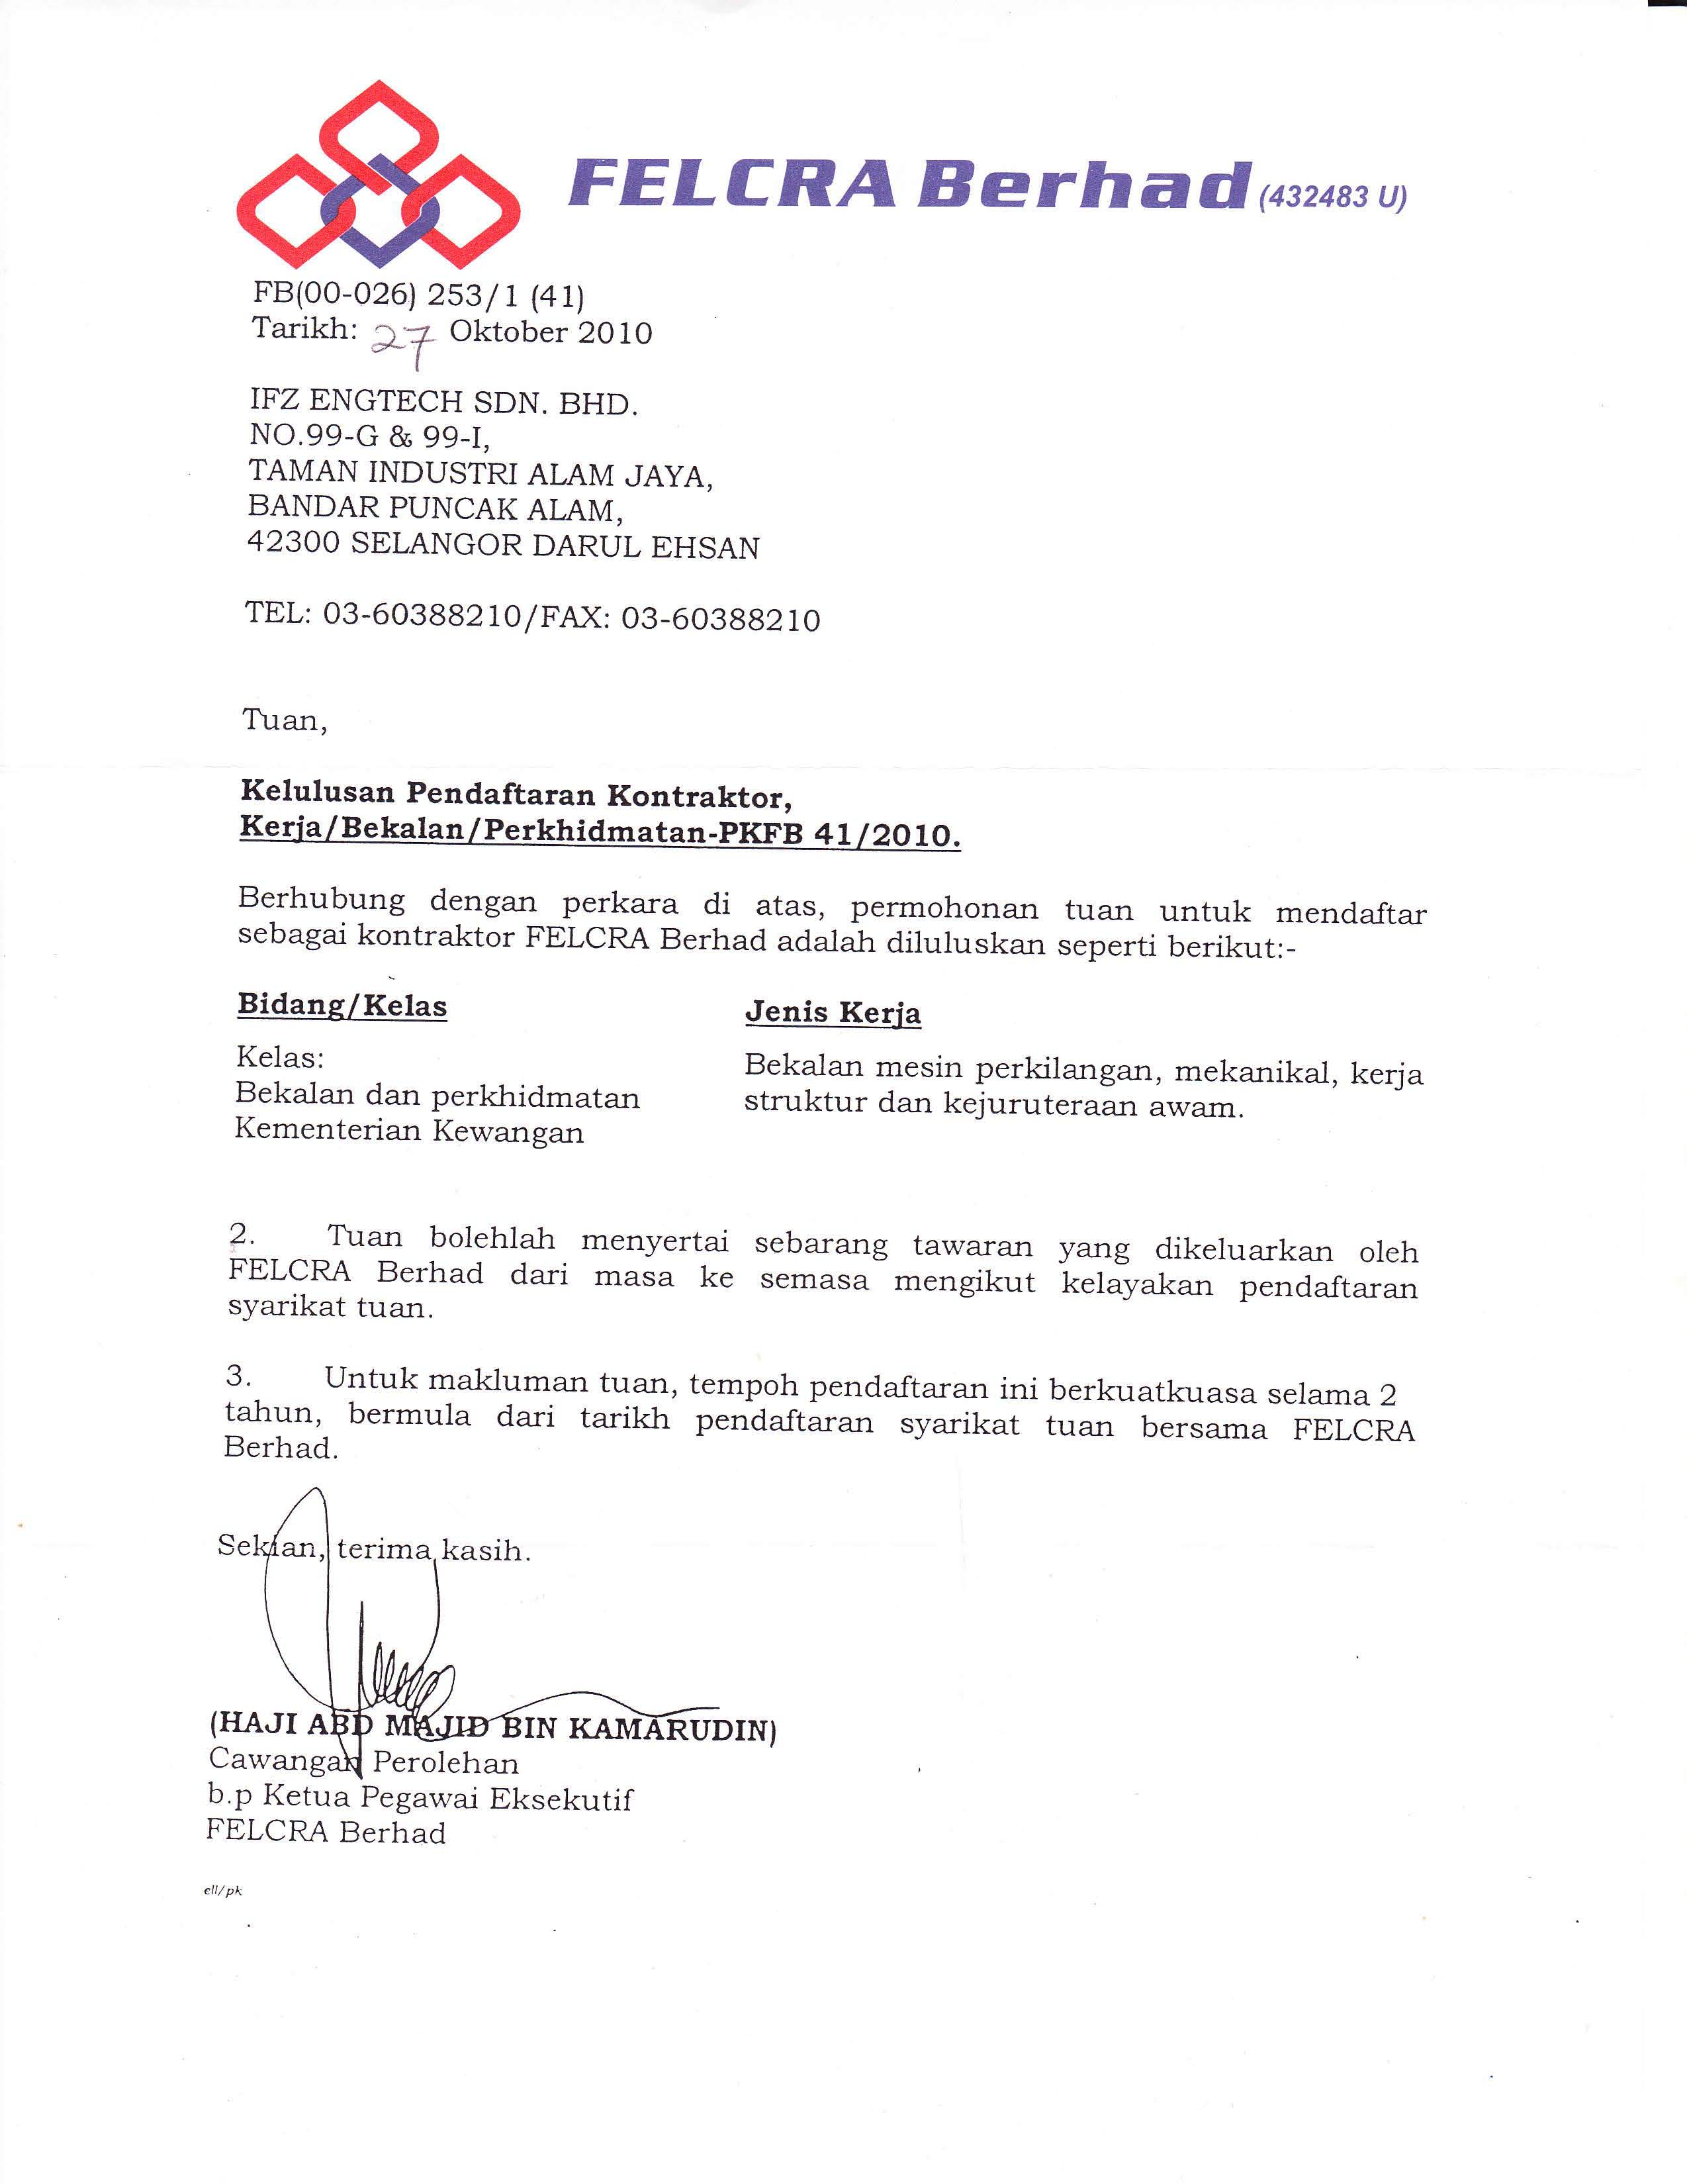 Certification | IFZ EngTech